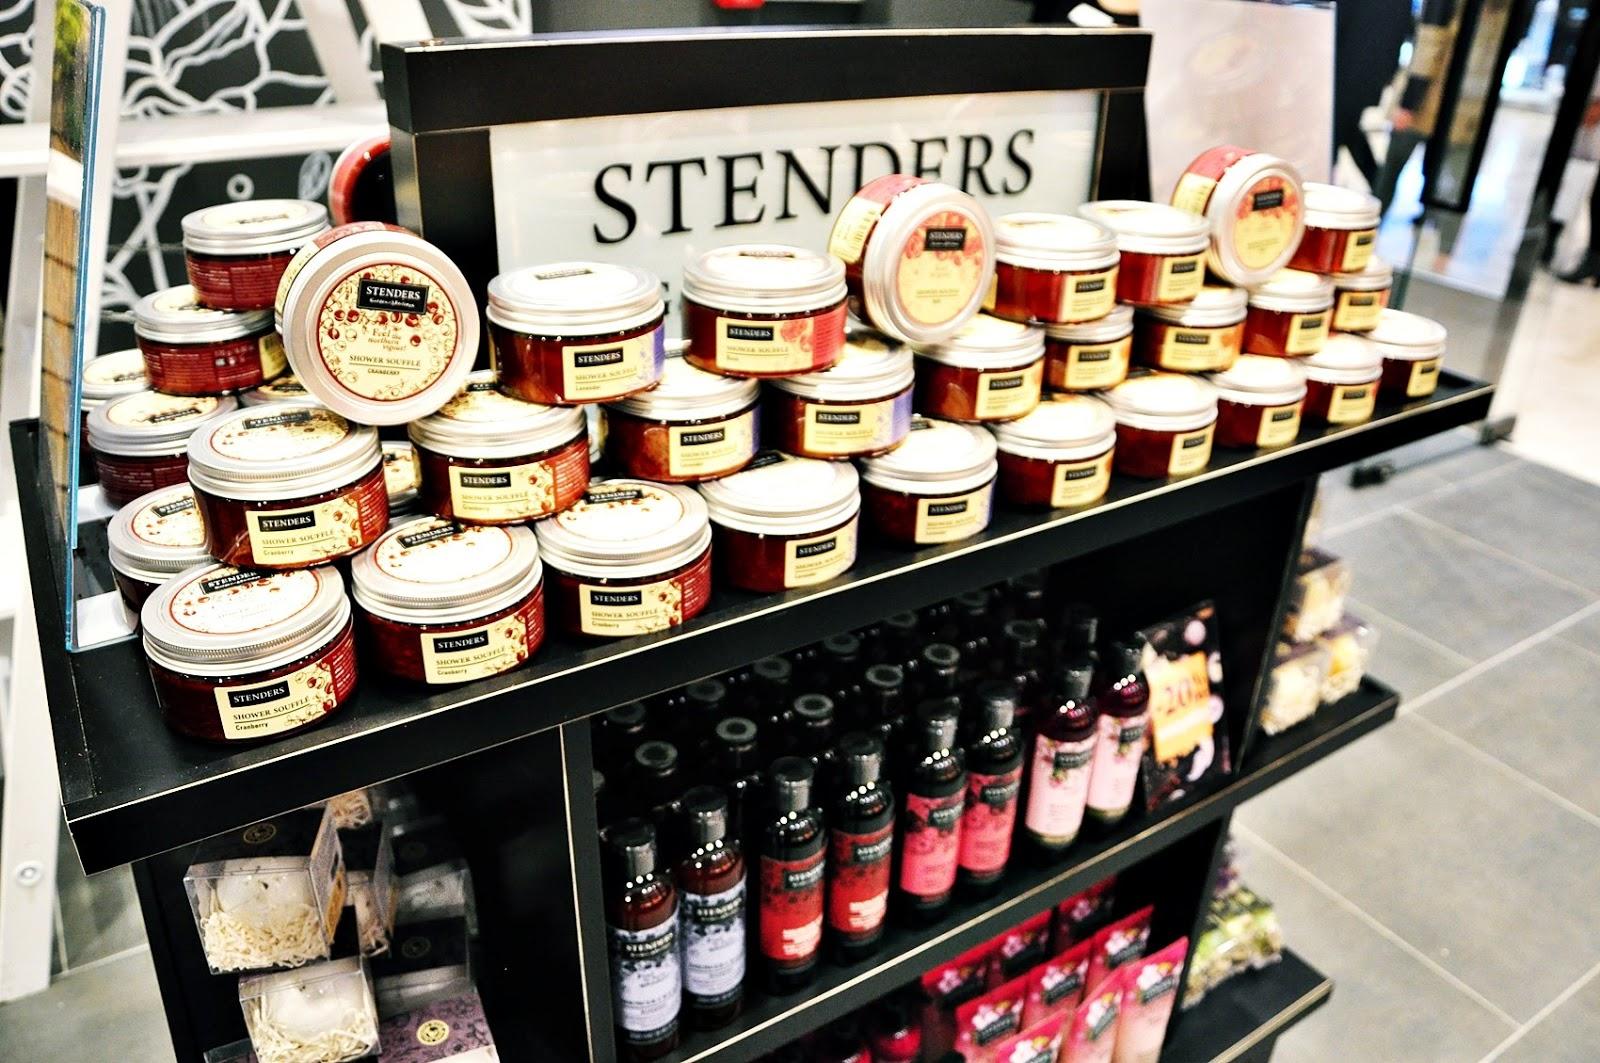 bestsellery_stenders